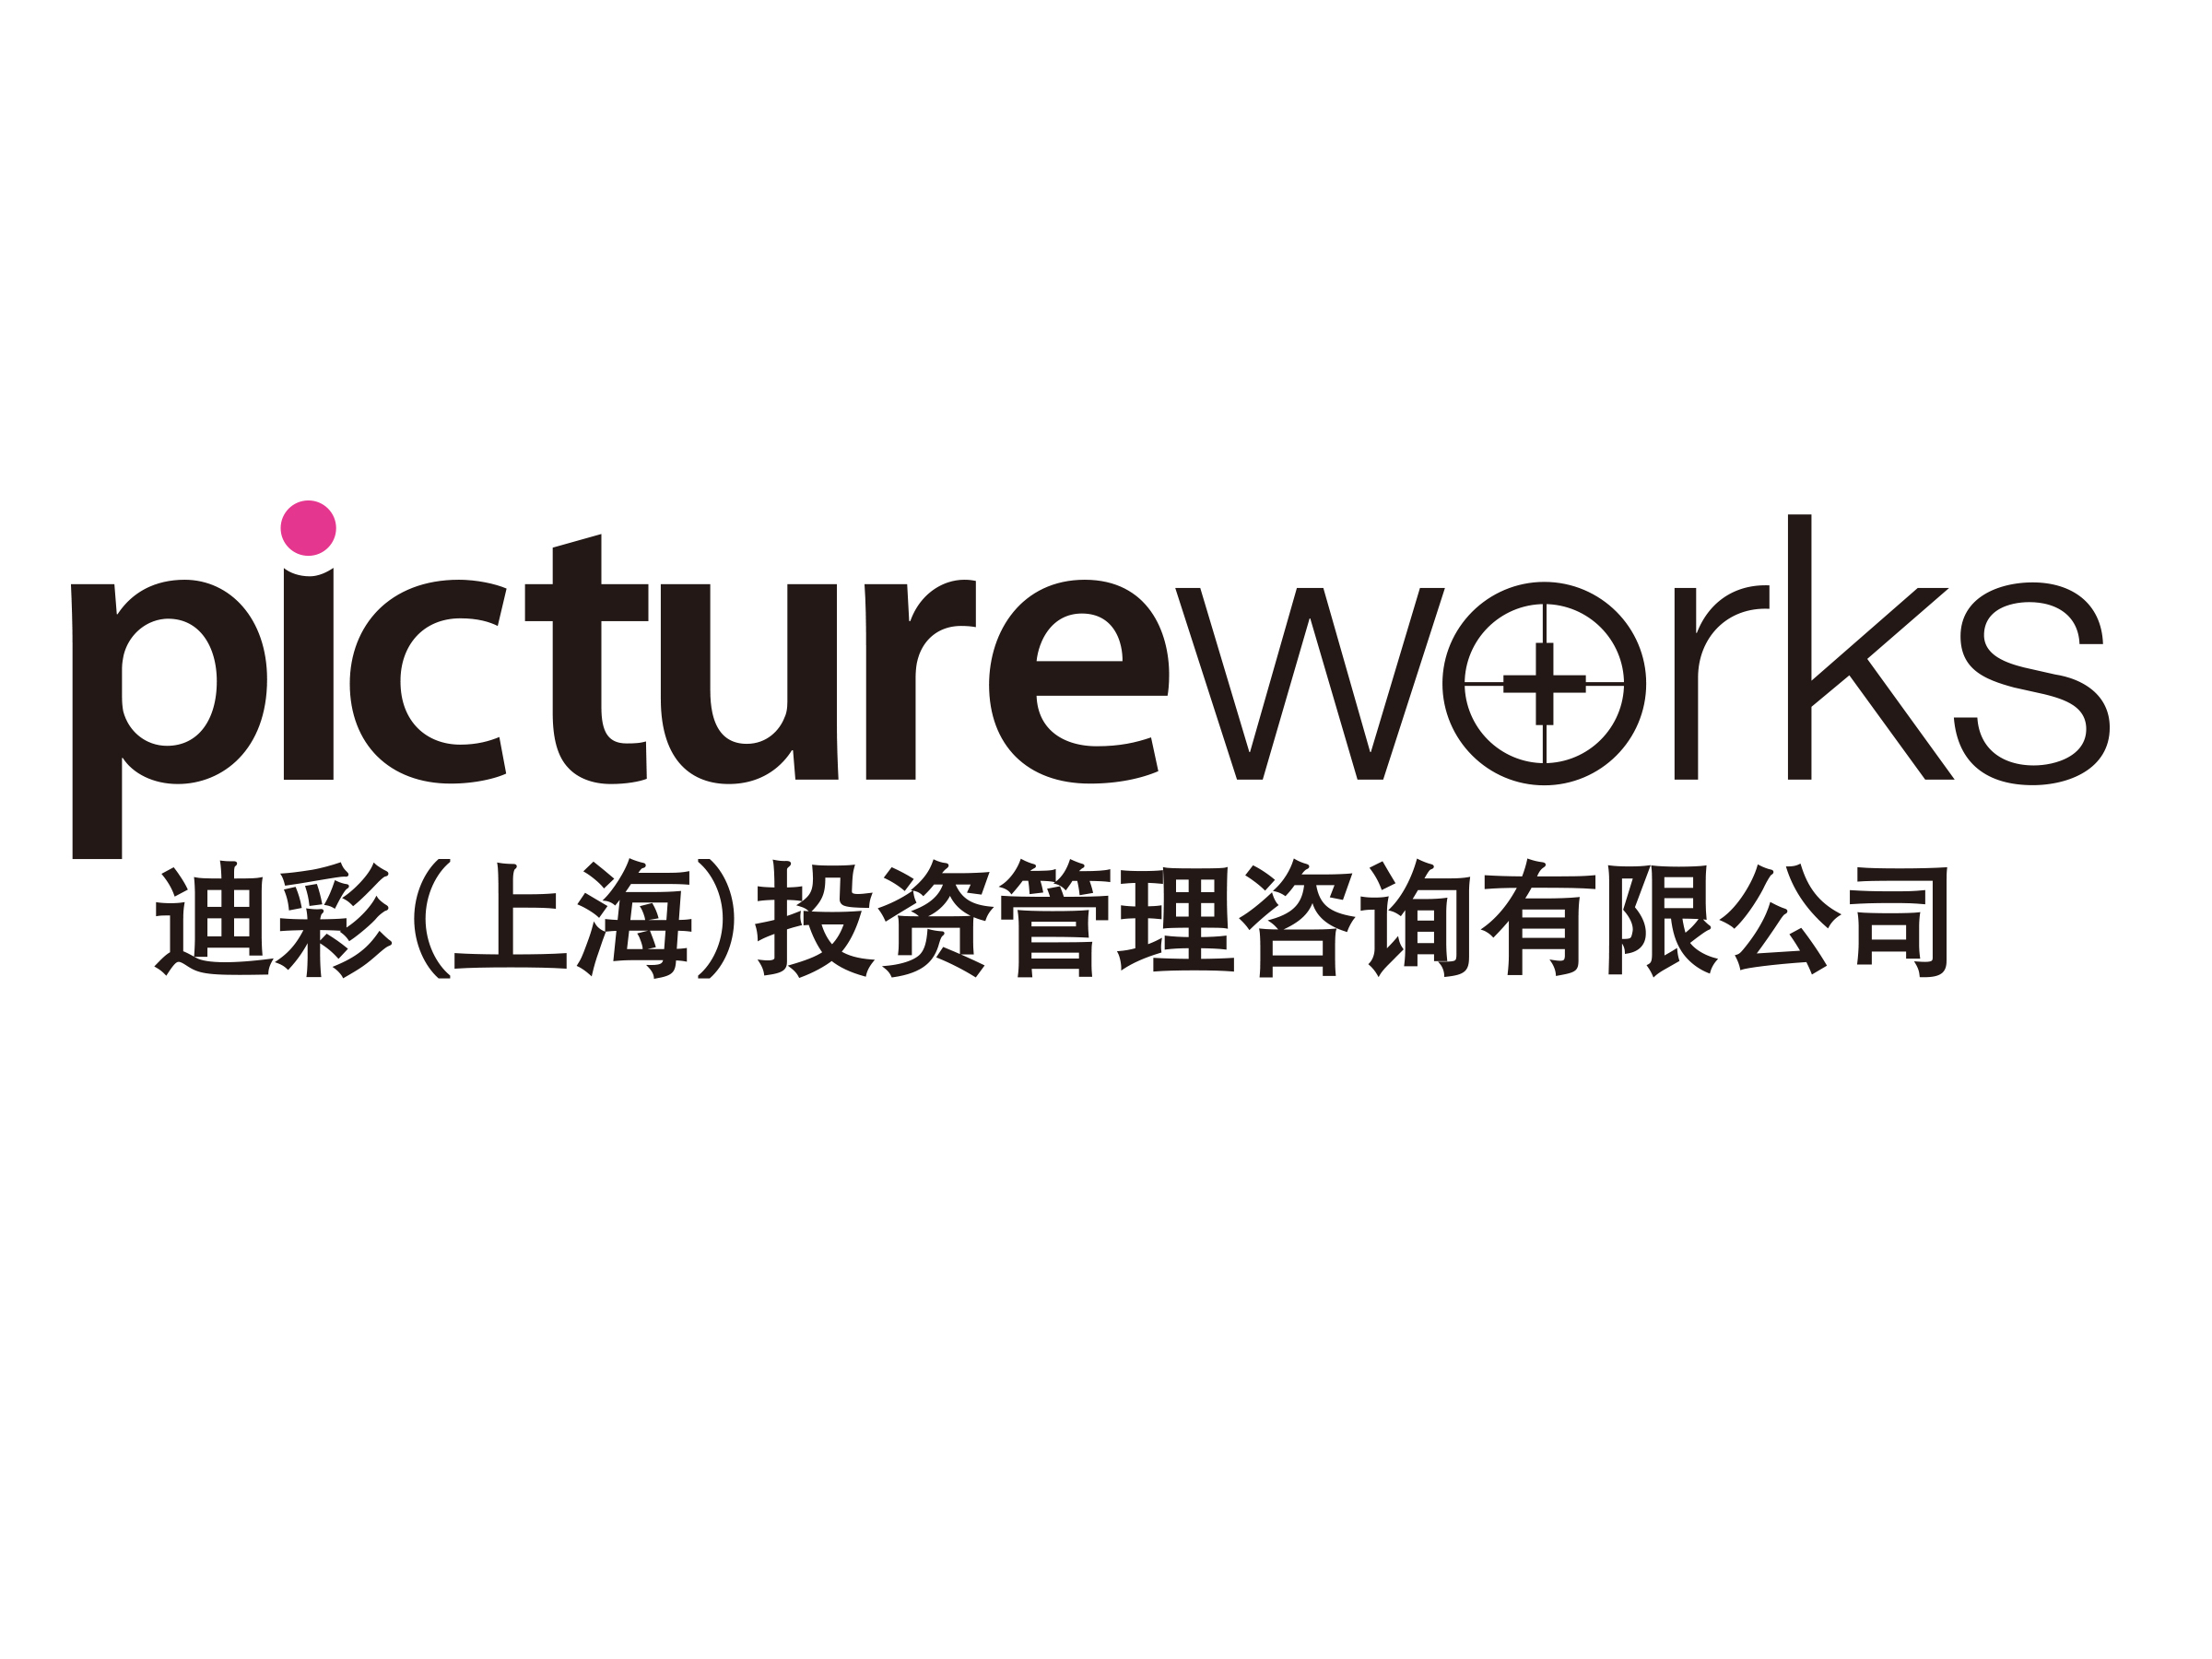 迪彩(上海)投资管理咨询有限公司